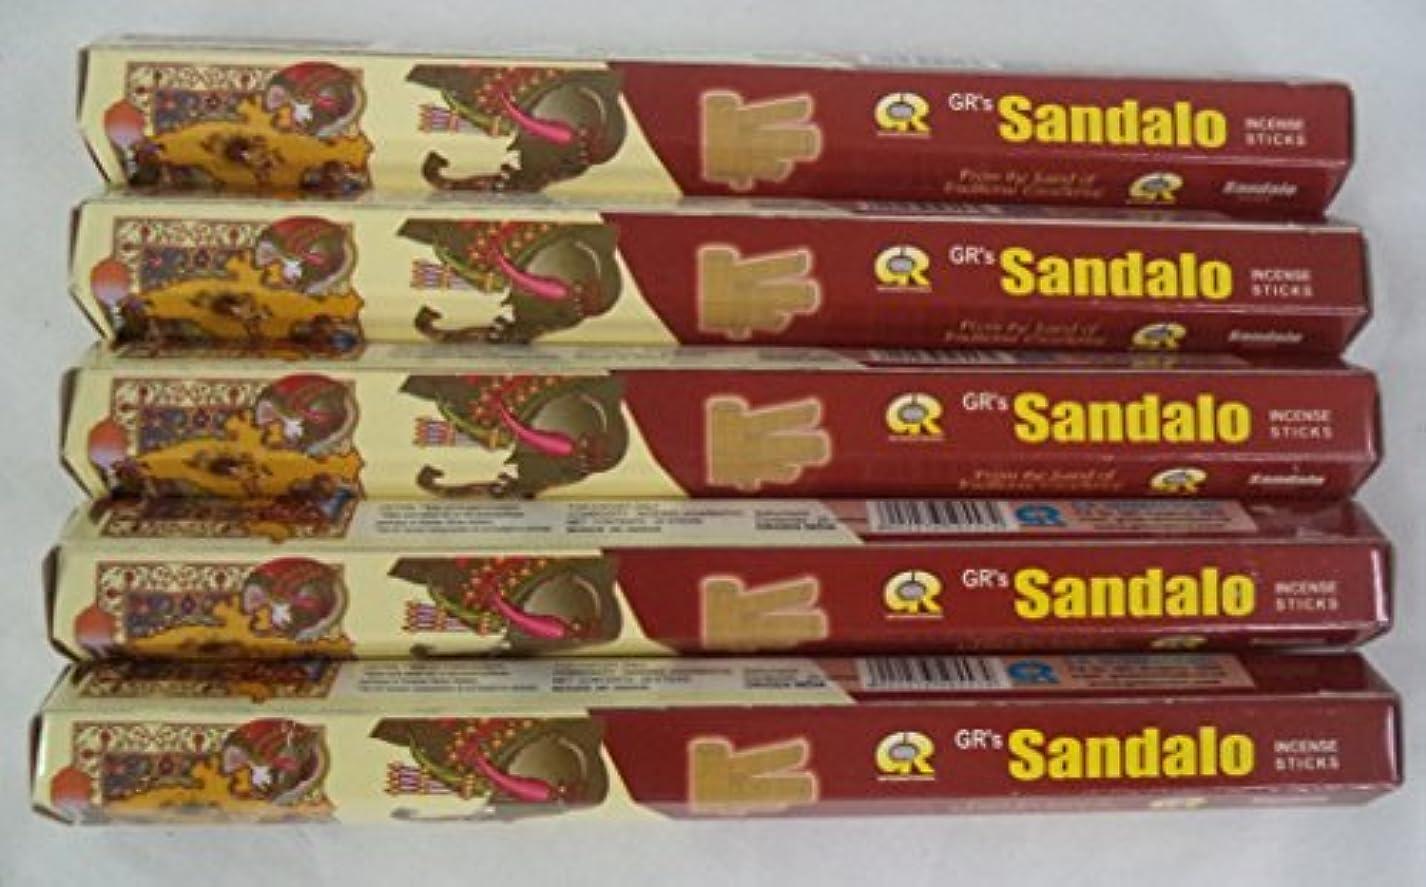 成功厚さ高度Sandalo 100 Incense Sticks ( 5 x 20スティックパック) : Grブランド